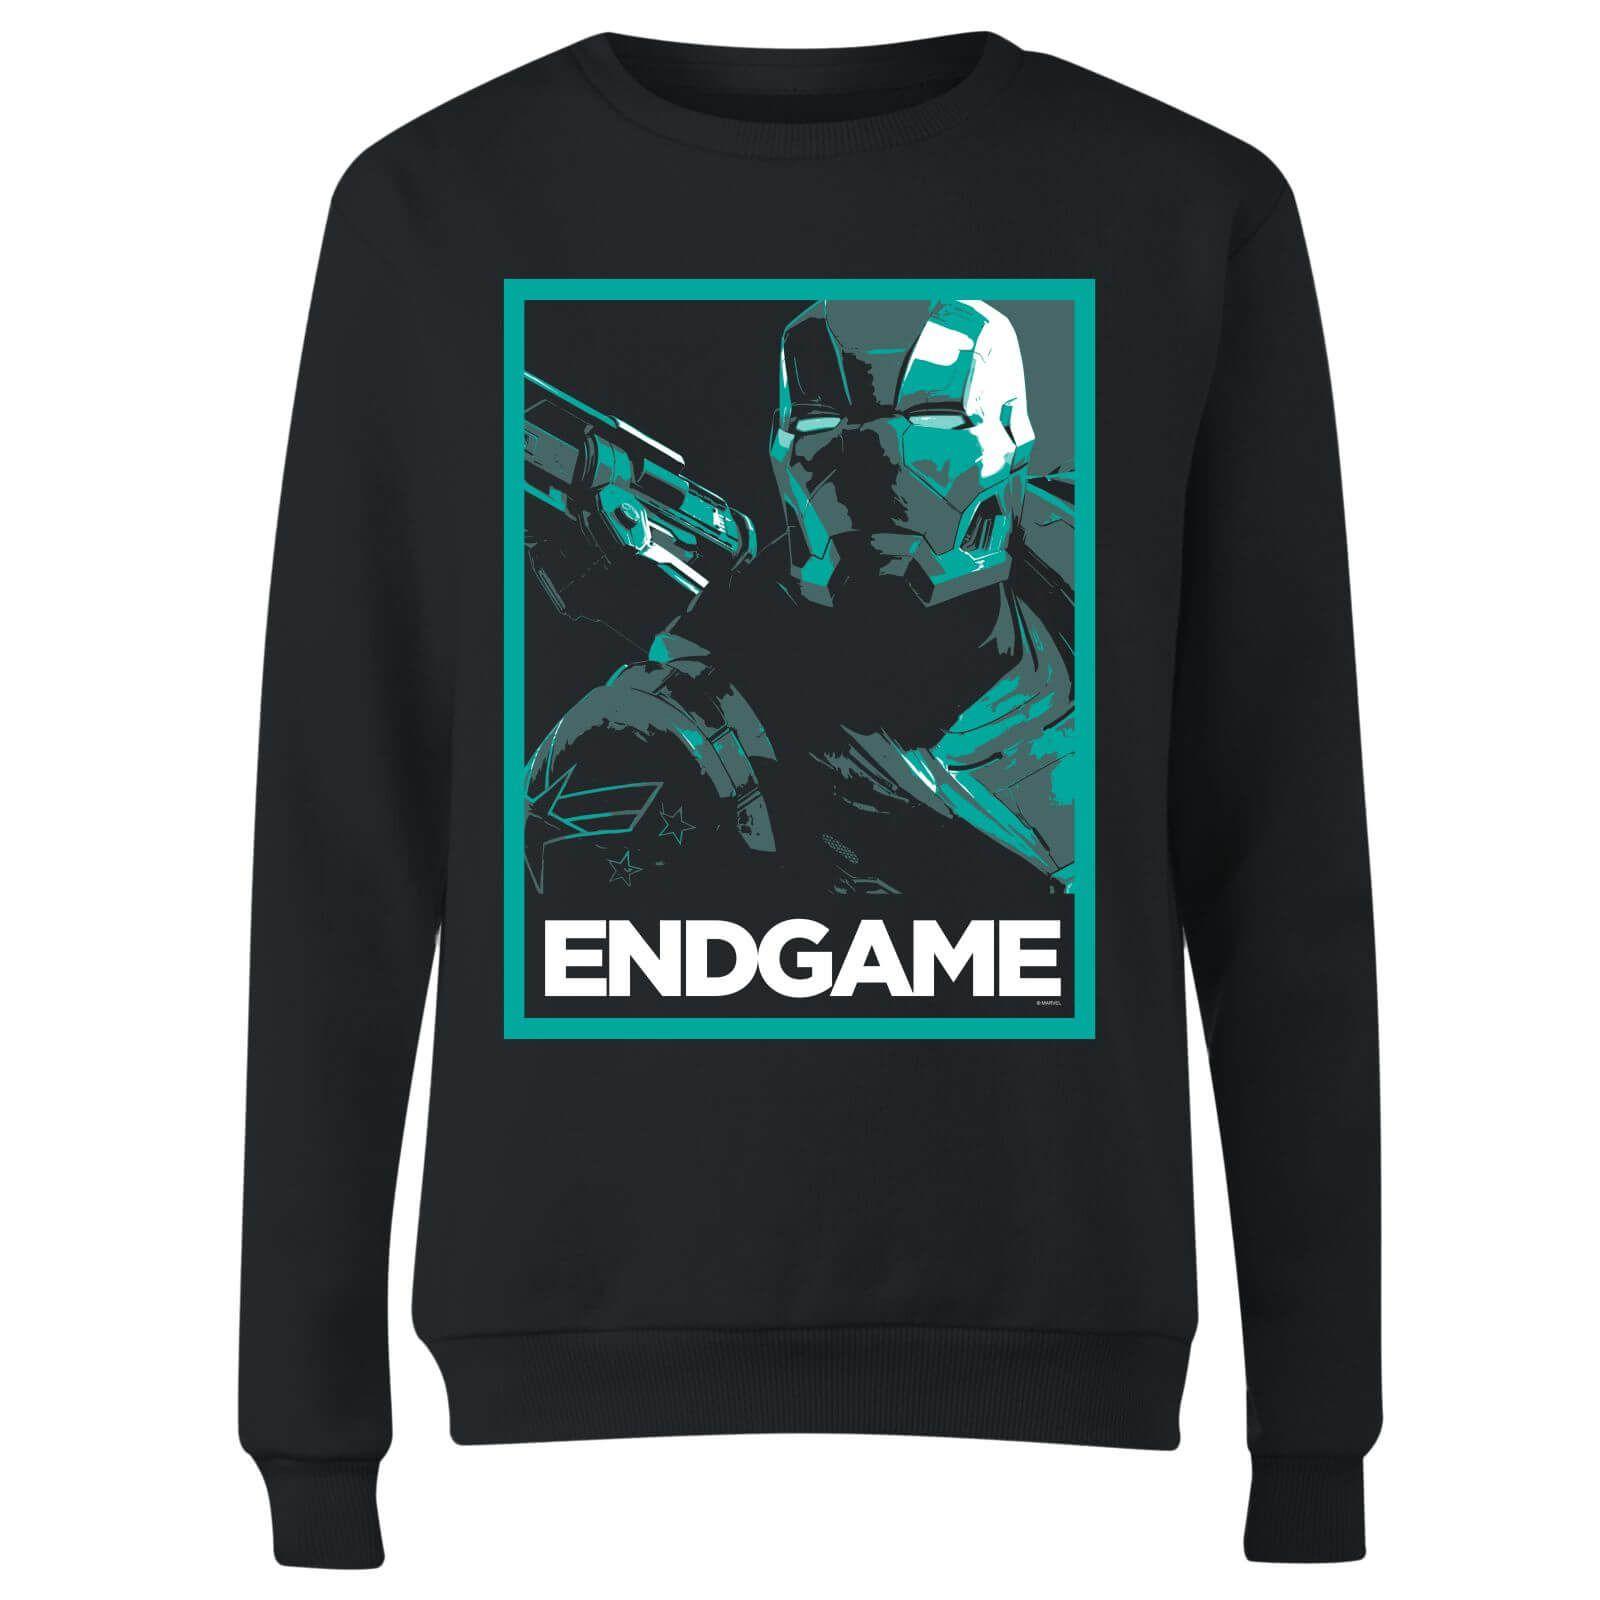 Avengers Endgame A Team Children/'s Unisex Black T-Shirt